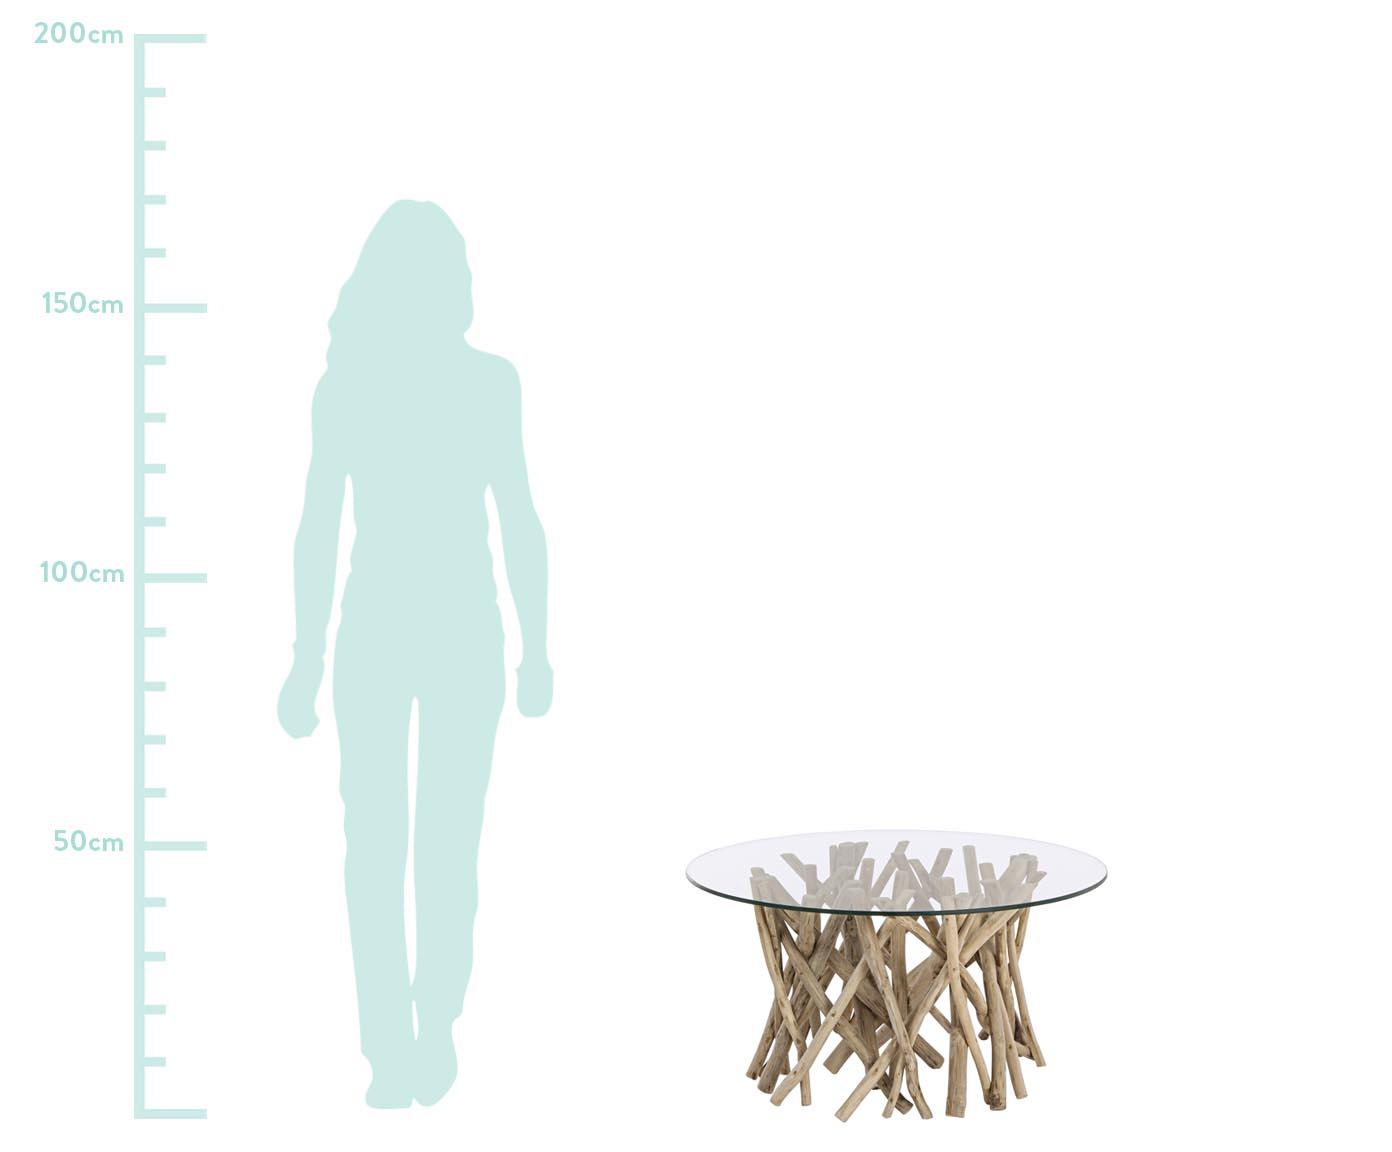 Tavolino da salotto con rami di teak Samira, Piano d'appoggio: vetro temperato, Struttura: legno di teak, sbiancato , Piano: trasparente Struttura: teak, sbiancato, finitura anticata, Larg. 80 x Alt. 40 cm